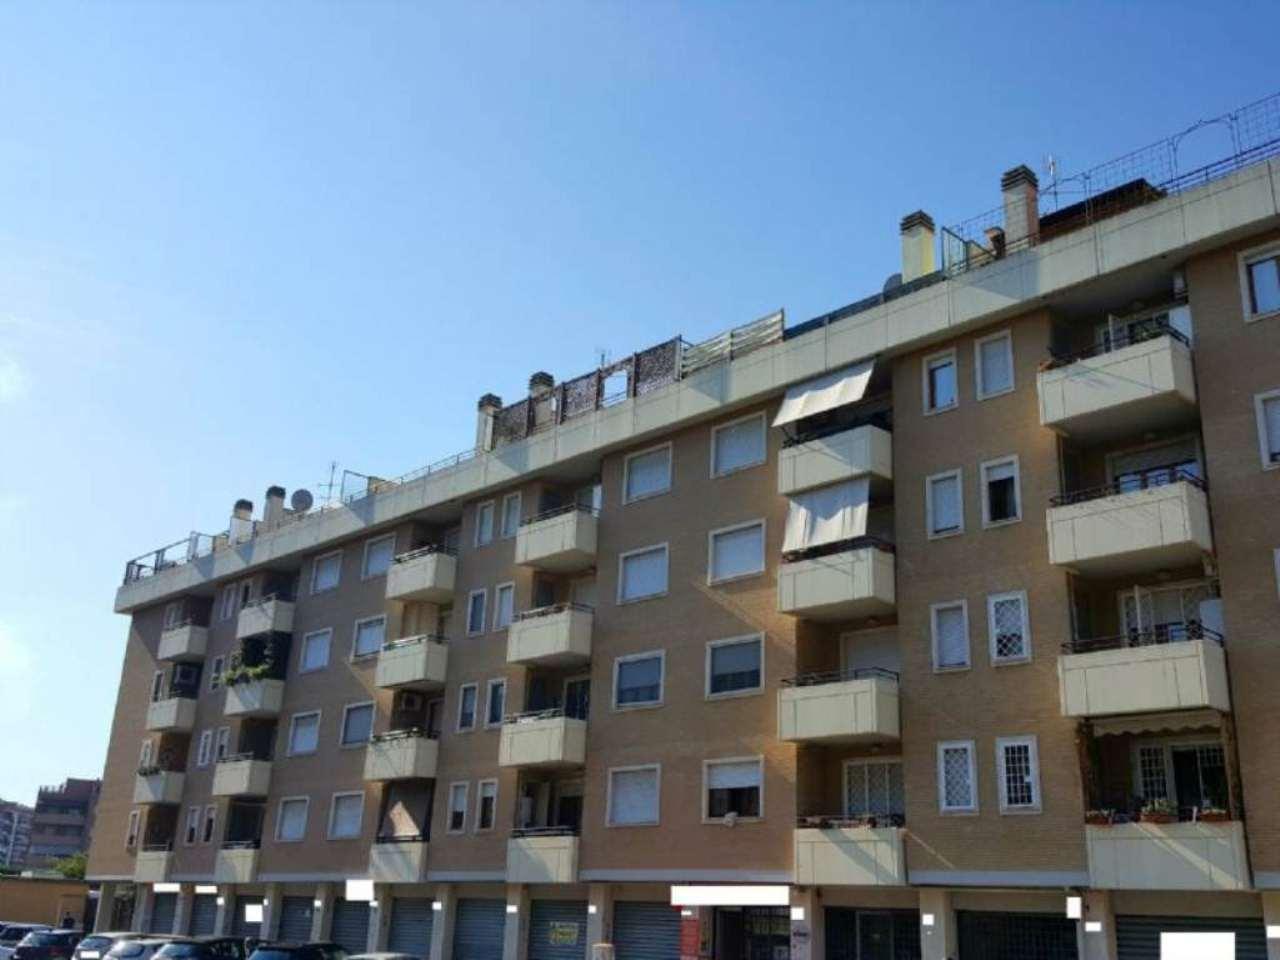 Appartamento a roma rm ponte di nona cerco case for Case in vendita ponte di nona